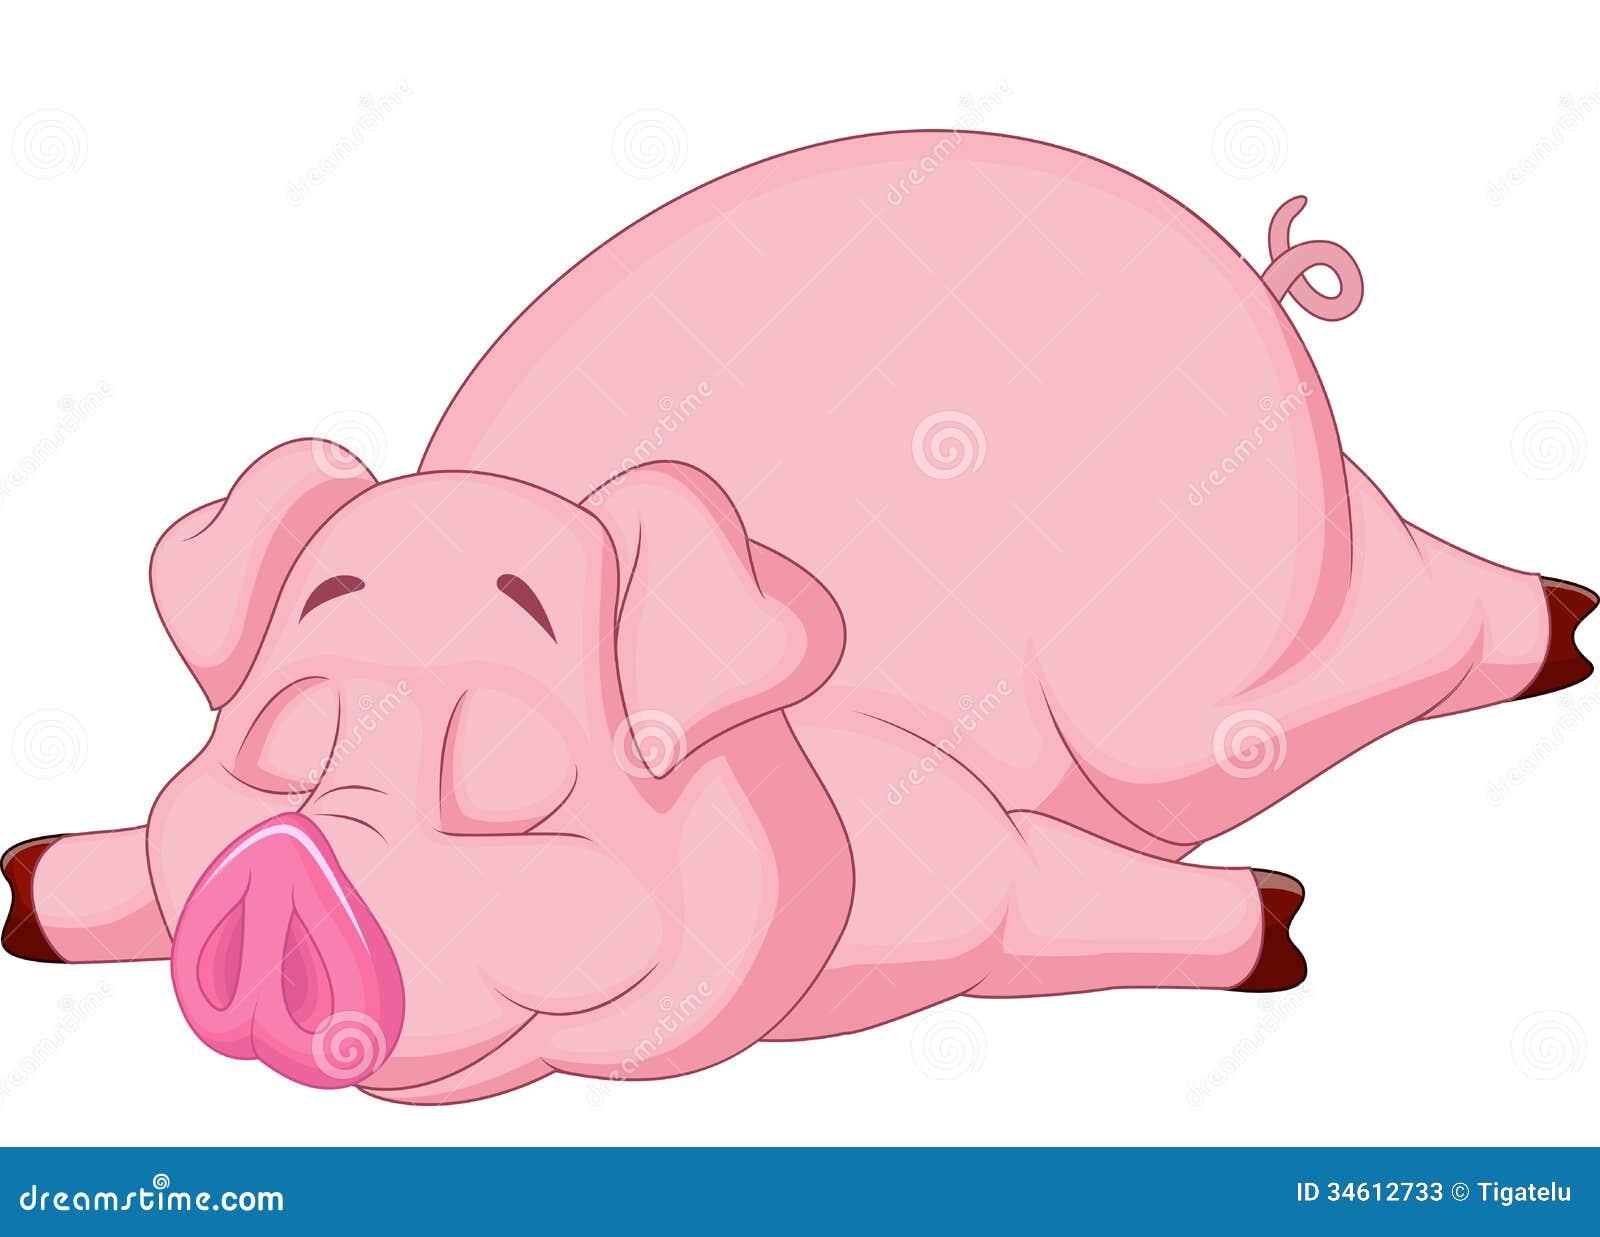 Cute pig cartoon sleeping stock vector illustration of